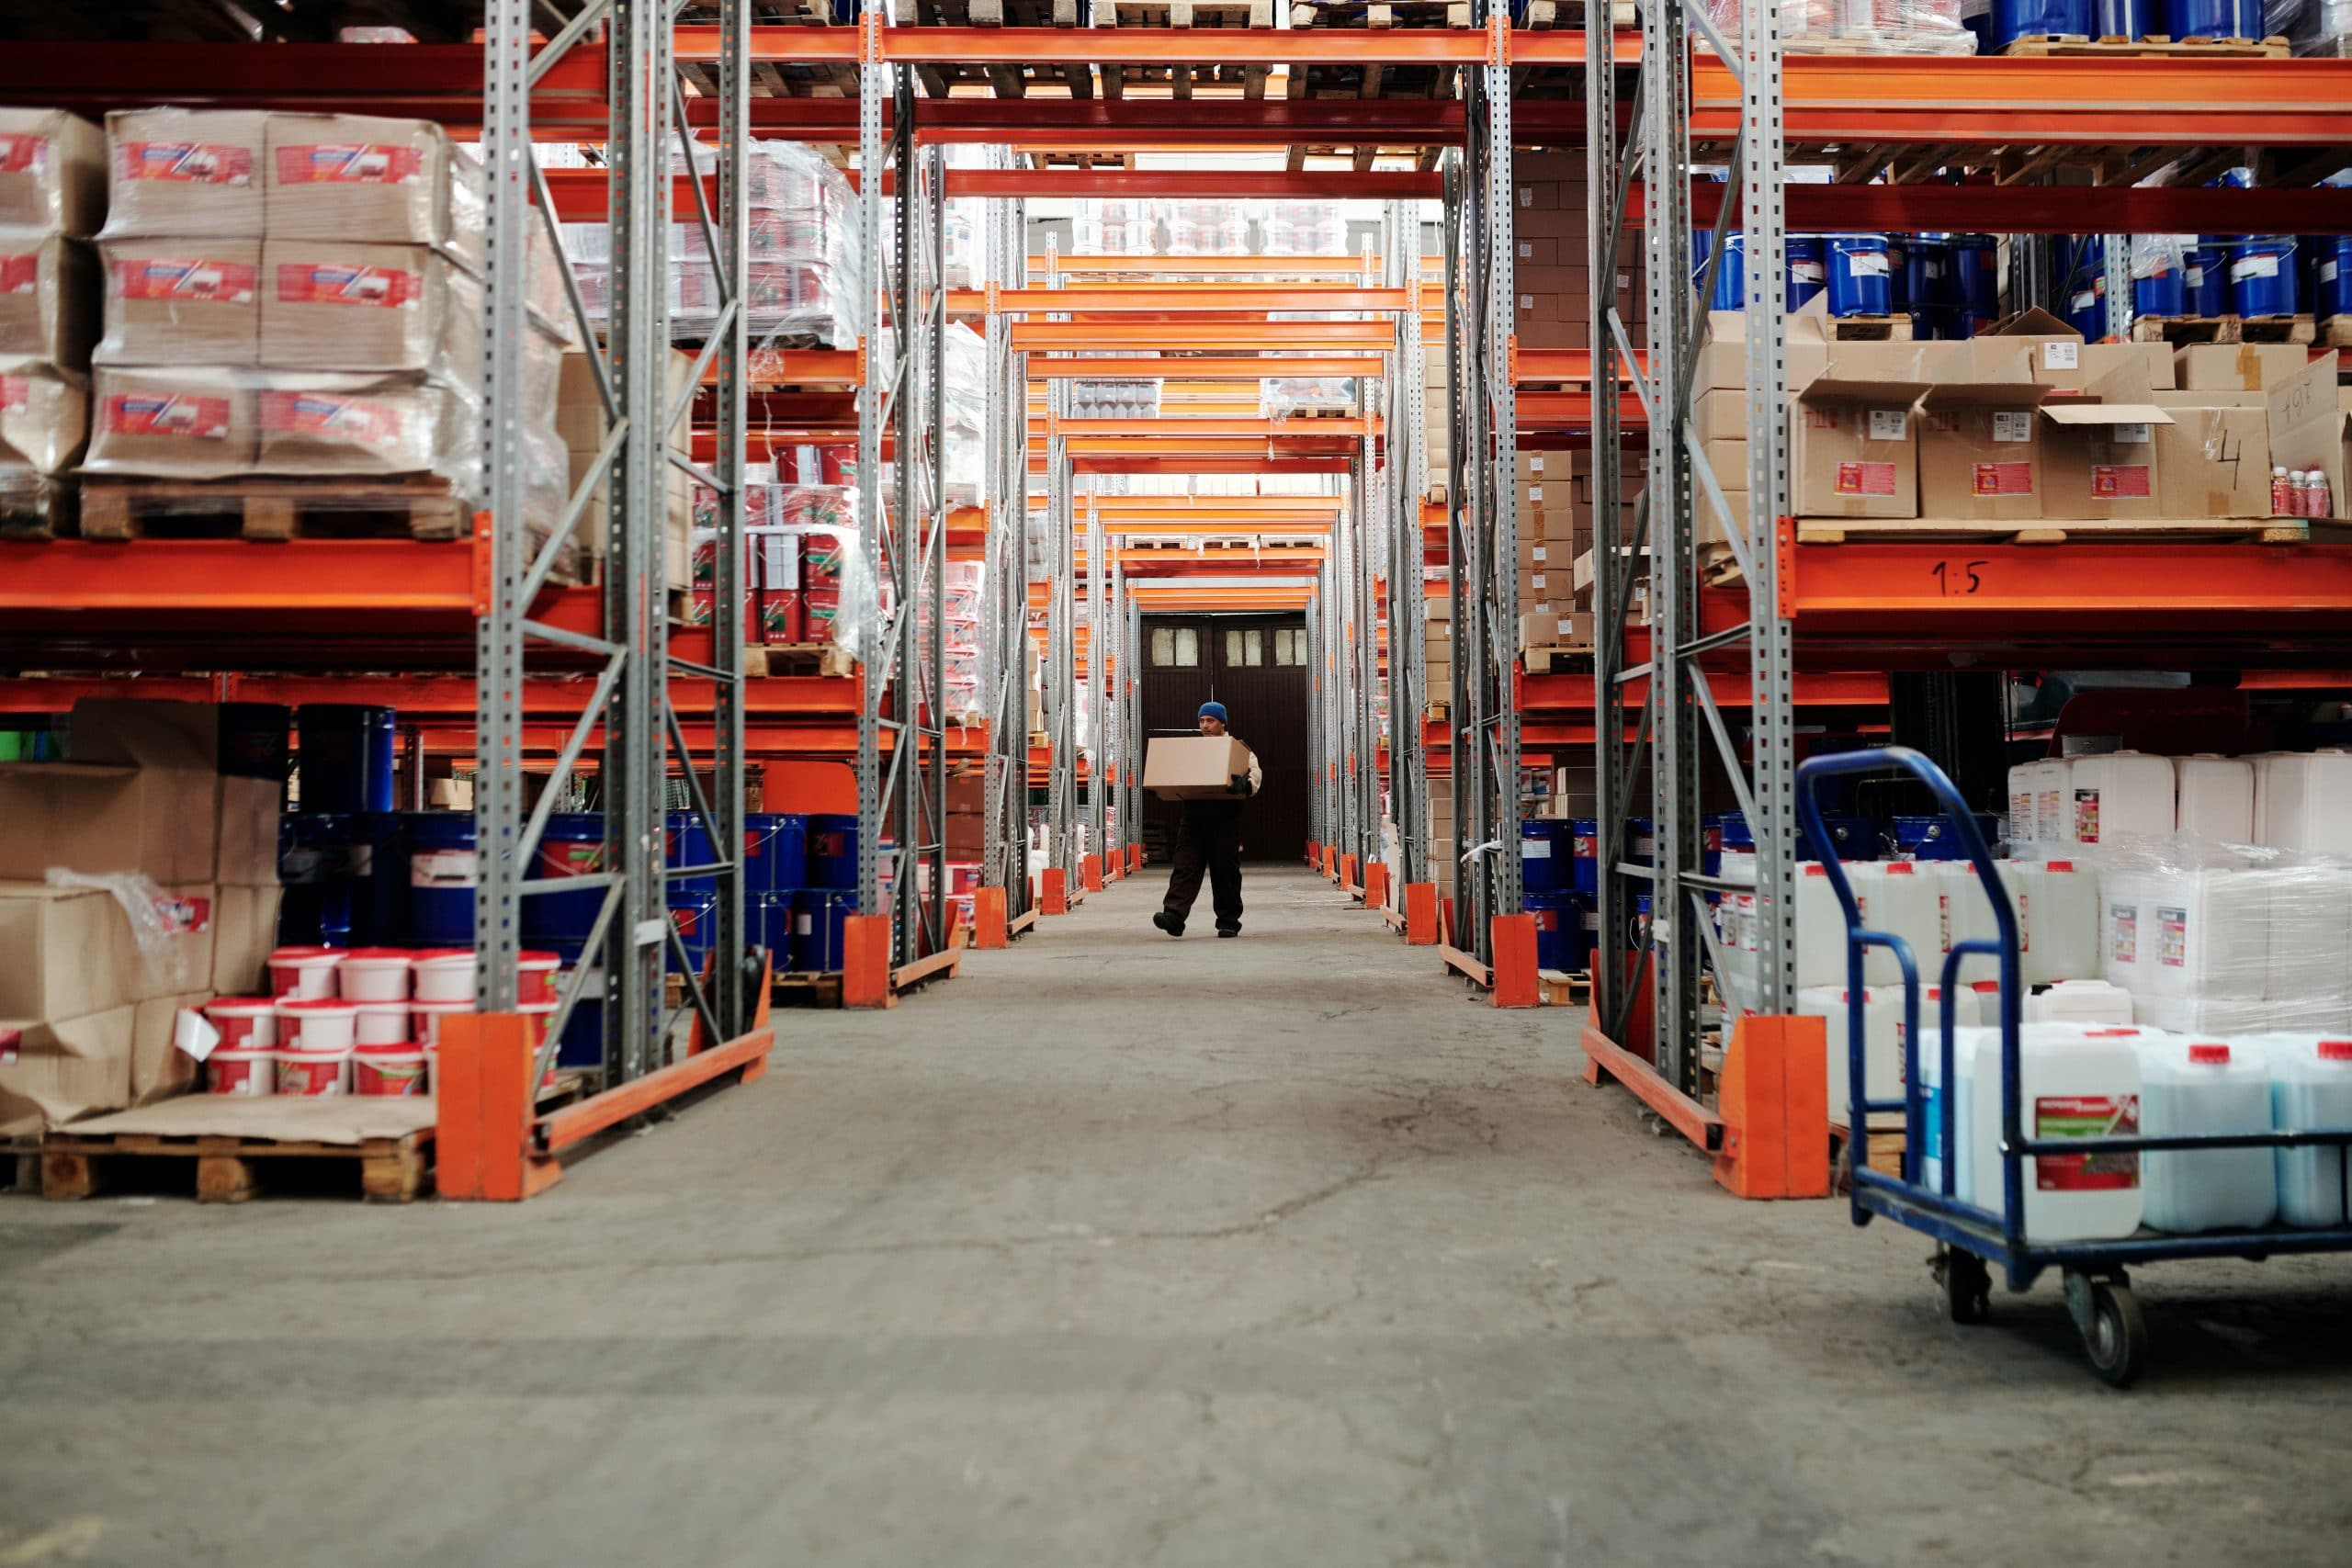 Entrepôt logistique ayant recours à la palettisation